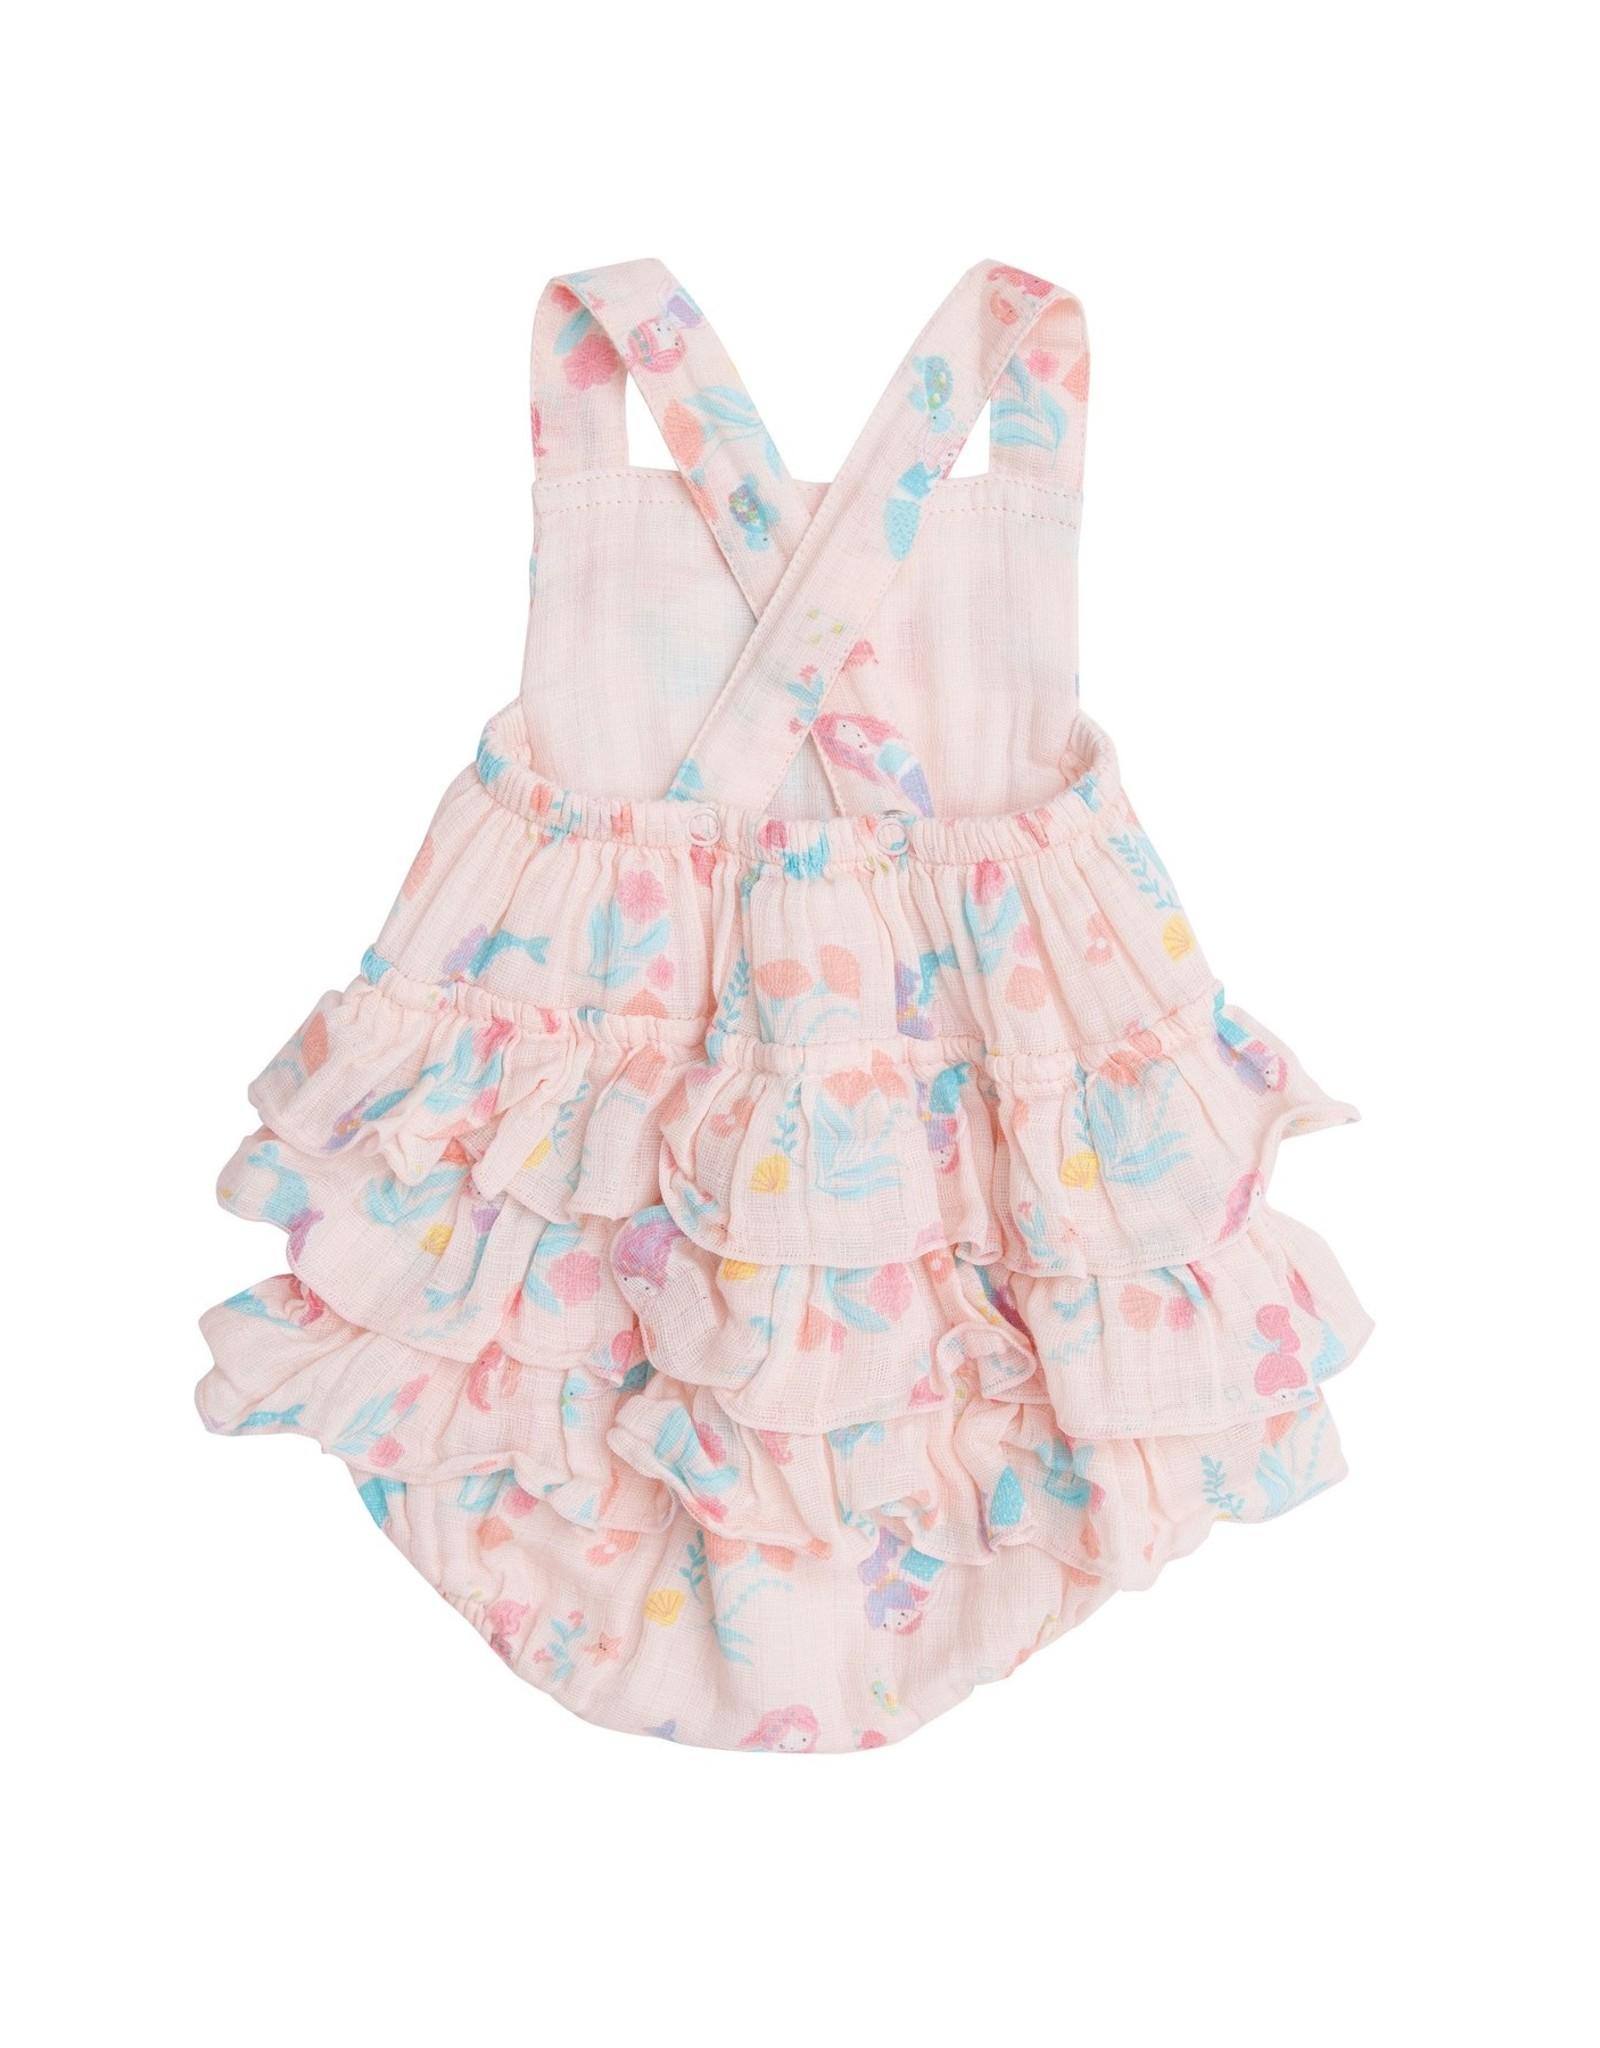 Angel Dear Mermaids Ruffle Sunsuit Pink